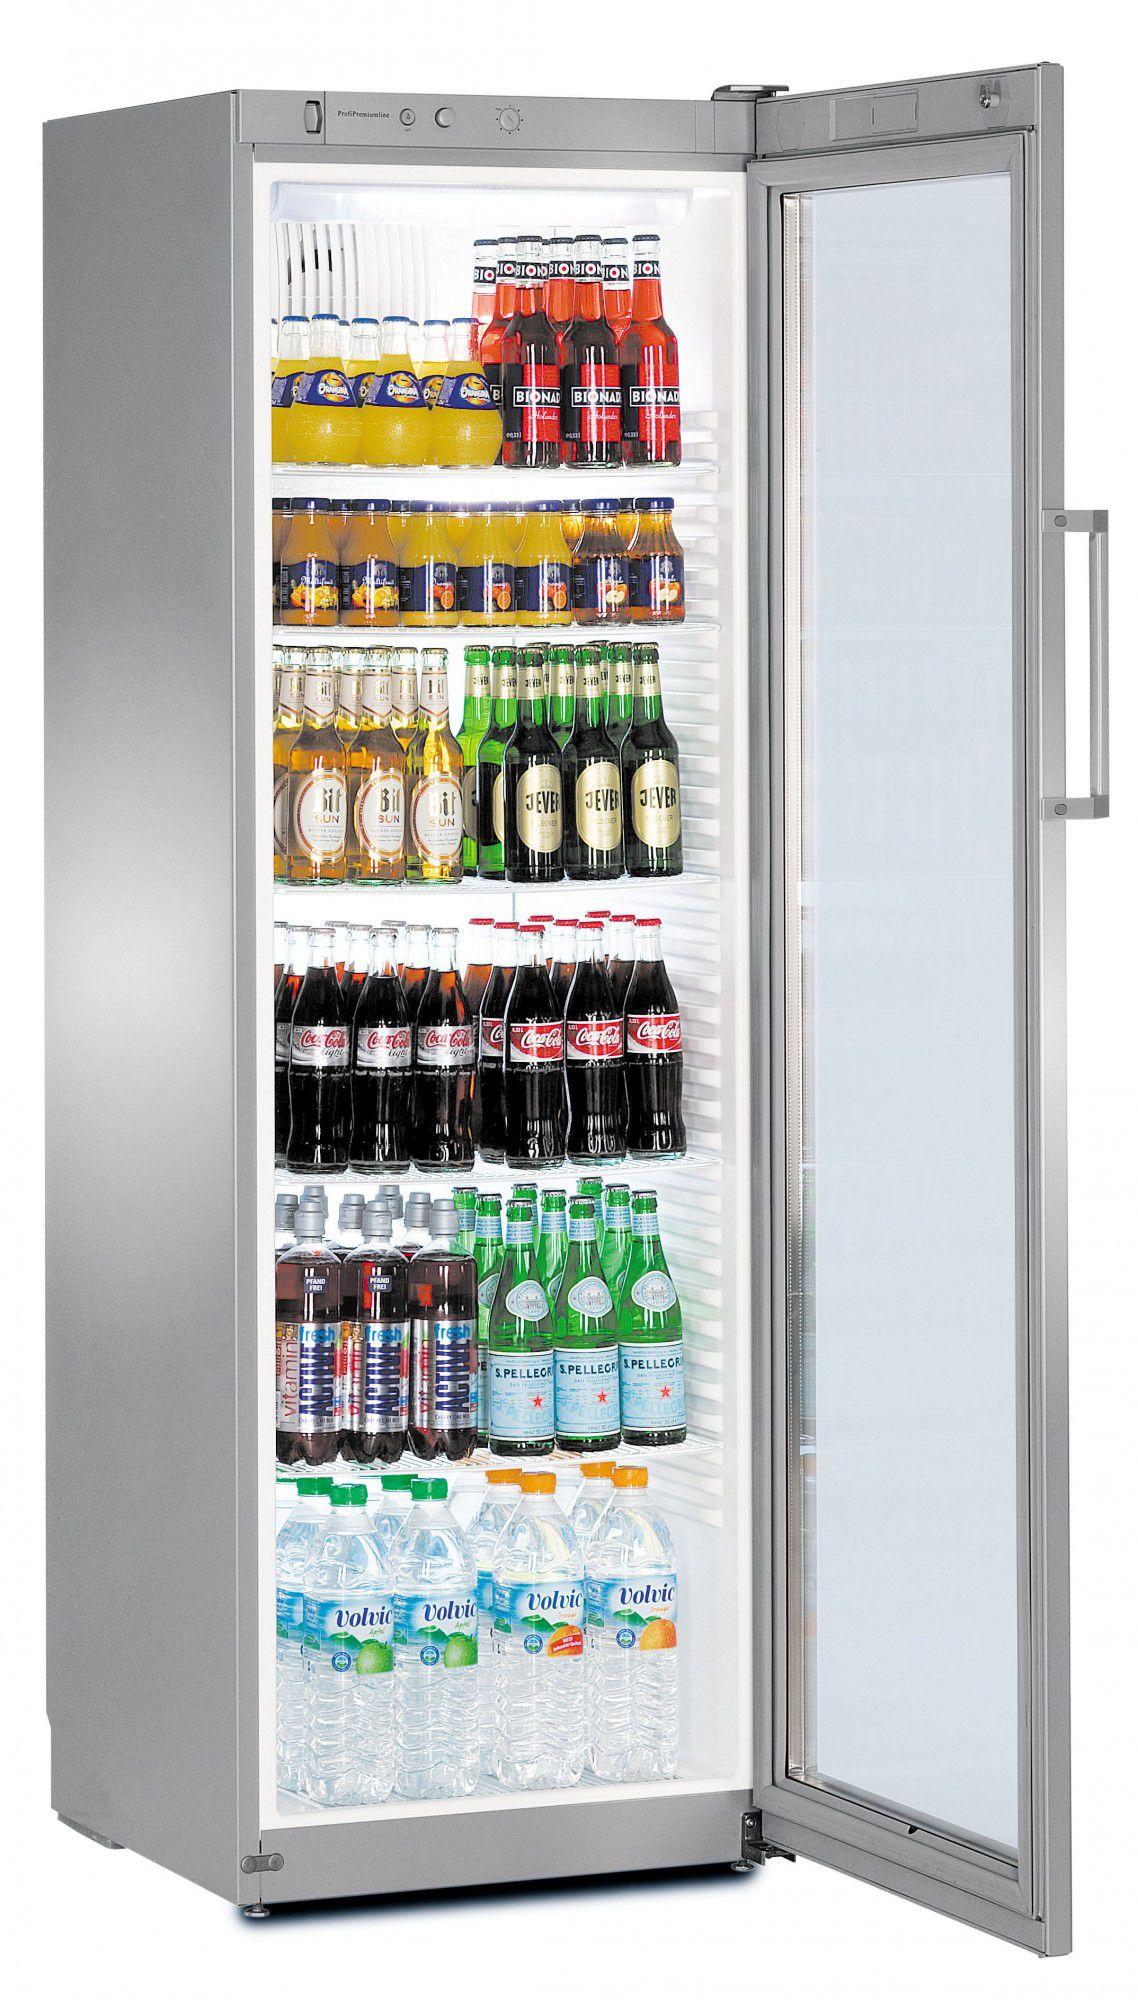 Liebherr Glastürkühlschrank FKvsl 4113 Premium